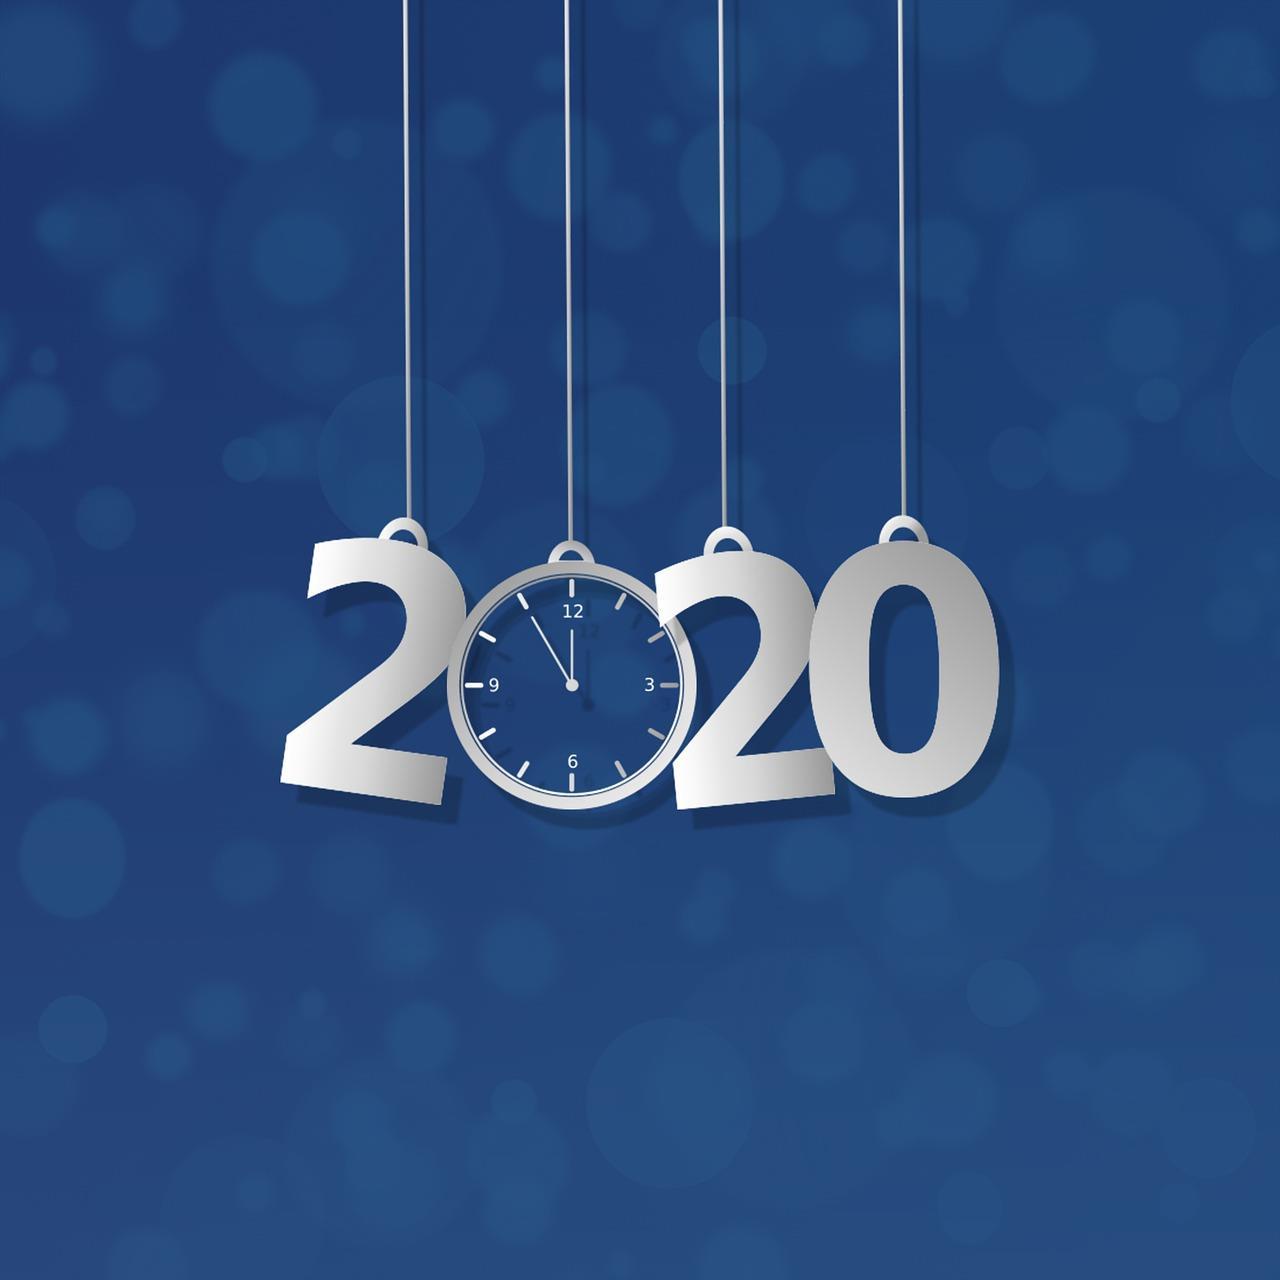 2020年診療報酬改定・令和2年度改定 緩和ケア関連の変更をまとめました【最新版】